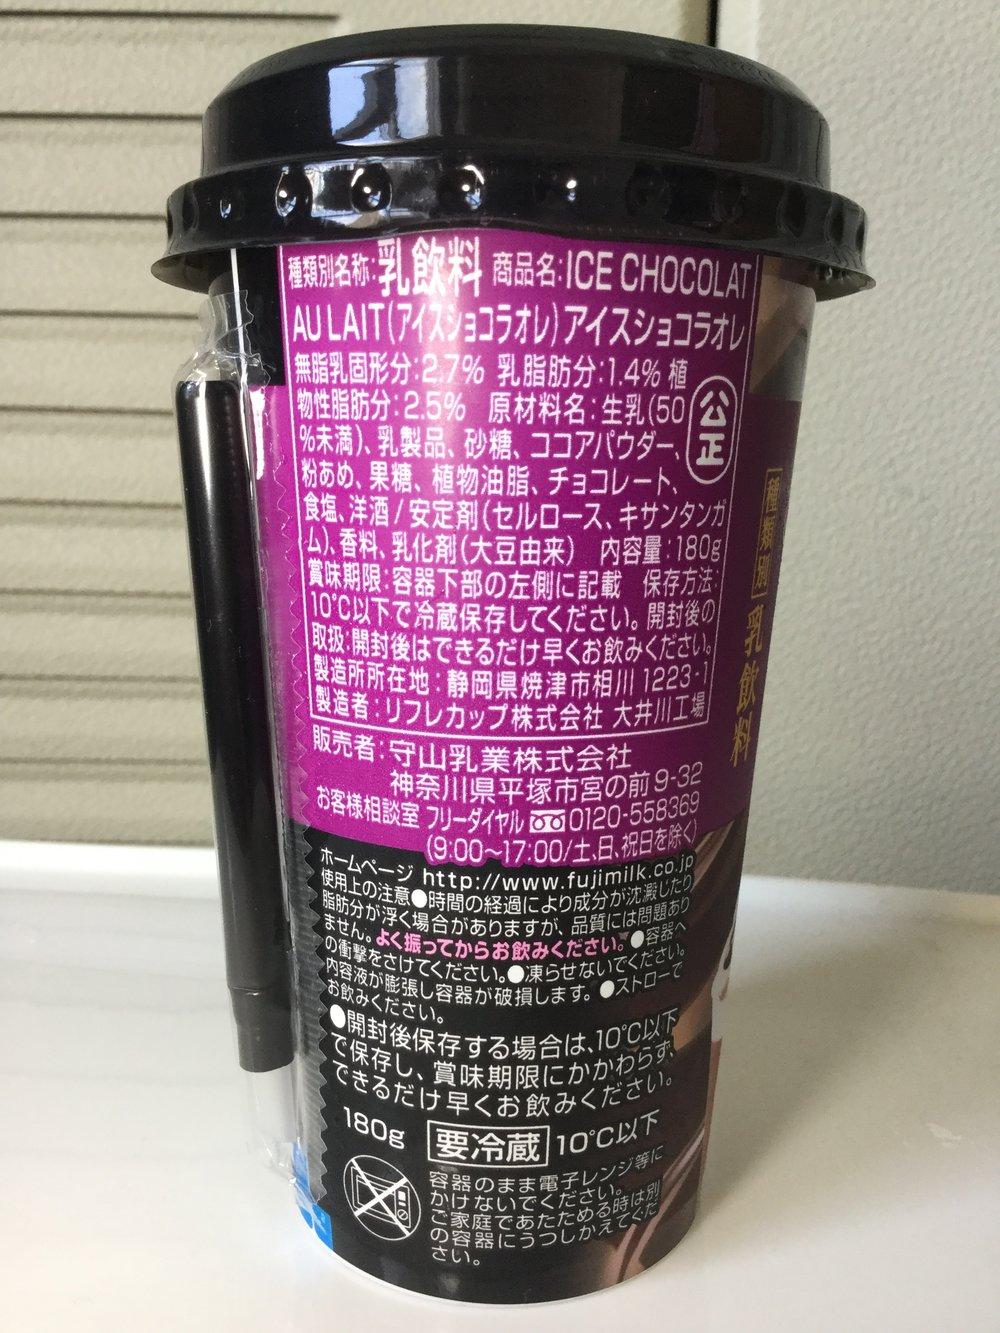 Moriyama Ice Chocolat Au Lait Side 2